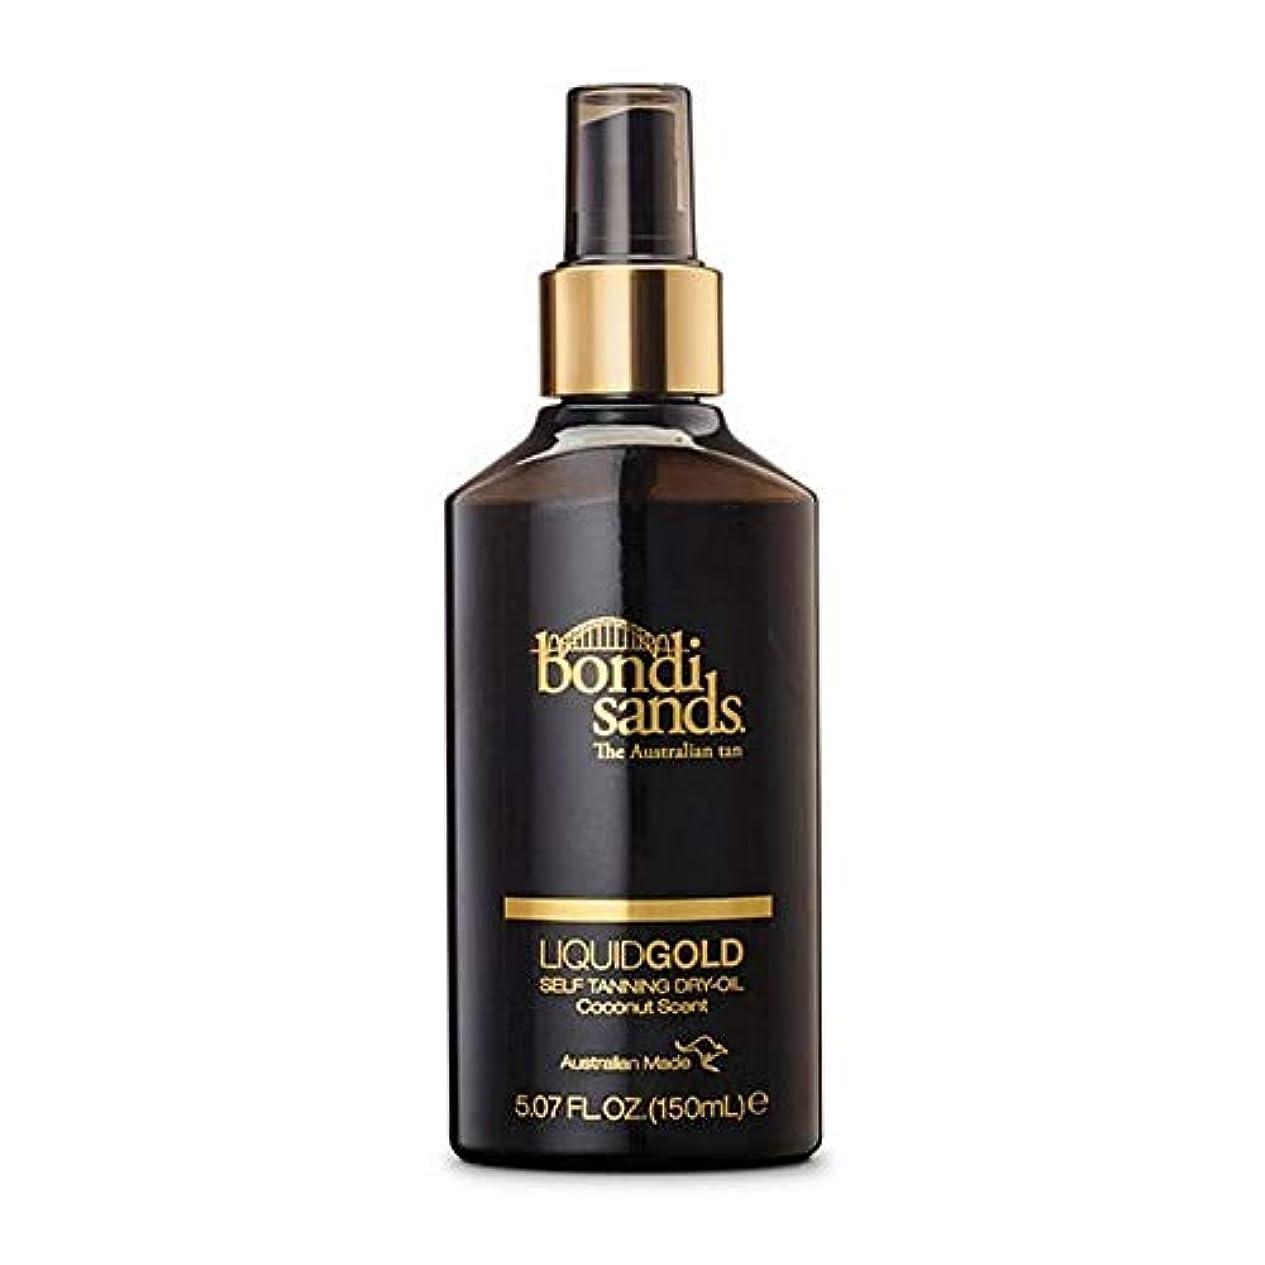 ピニオン関連するミキサー[Bondi Sands ] ボンダイ砂液体金褐色のオイル150ミリリットル - Bondi Sands Liquid Gold Tan Oil 150ml [並行輸入品]